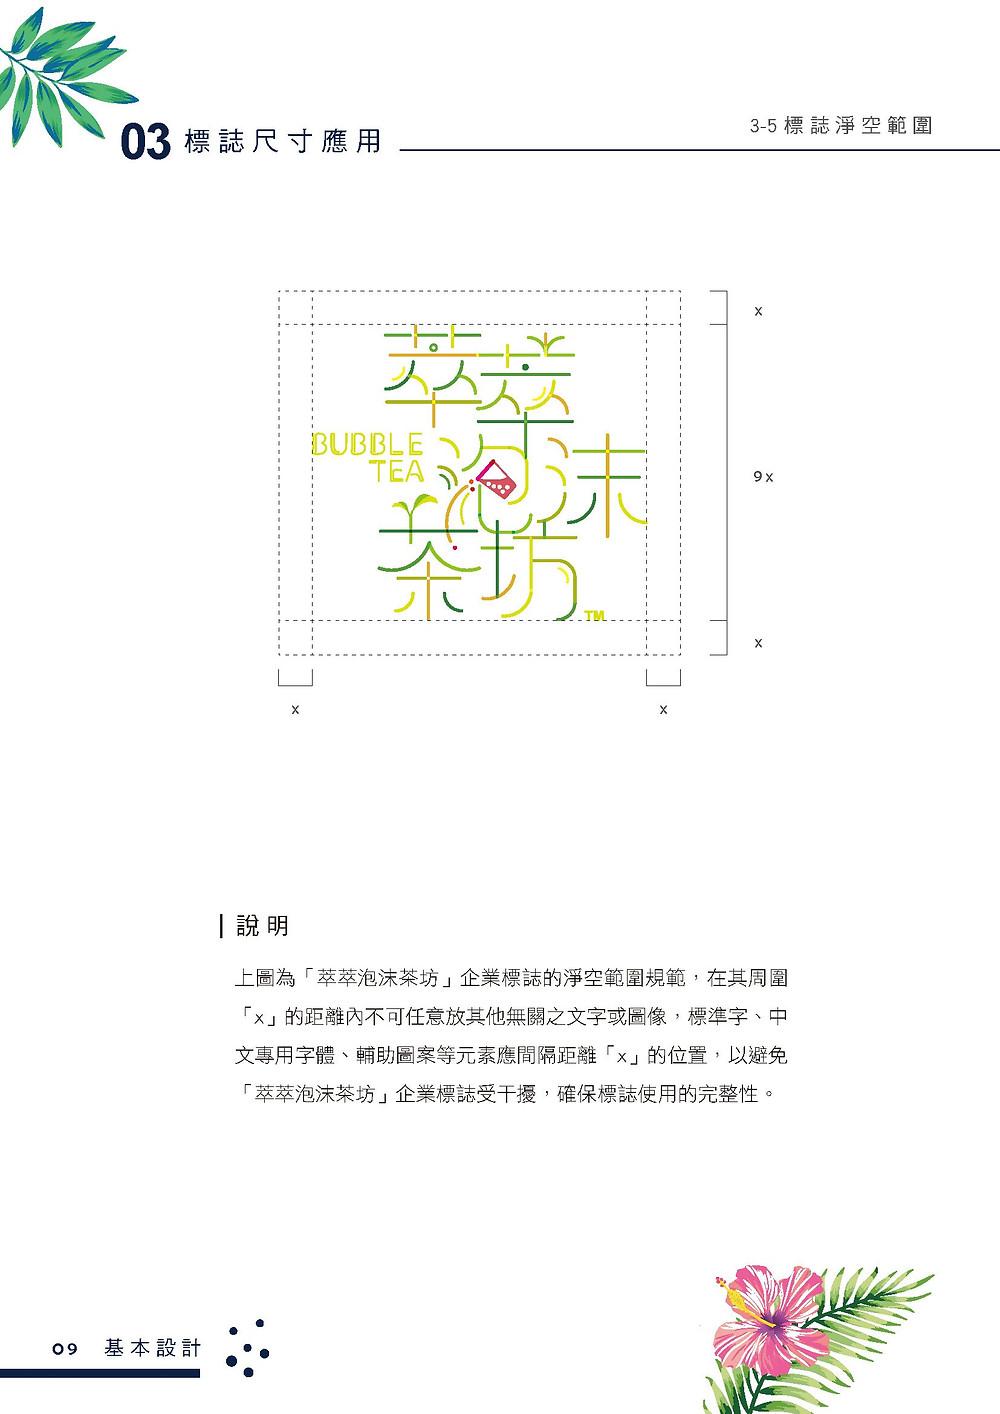 萃萃泡沫茶坊 品牌識別系統手冊 標誌淨空範圍